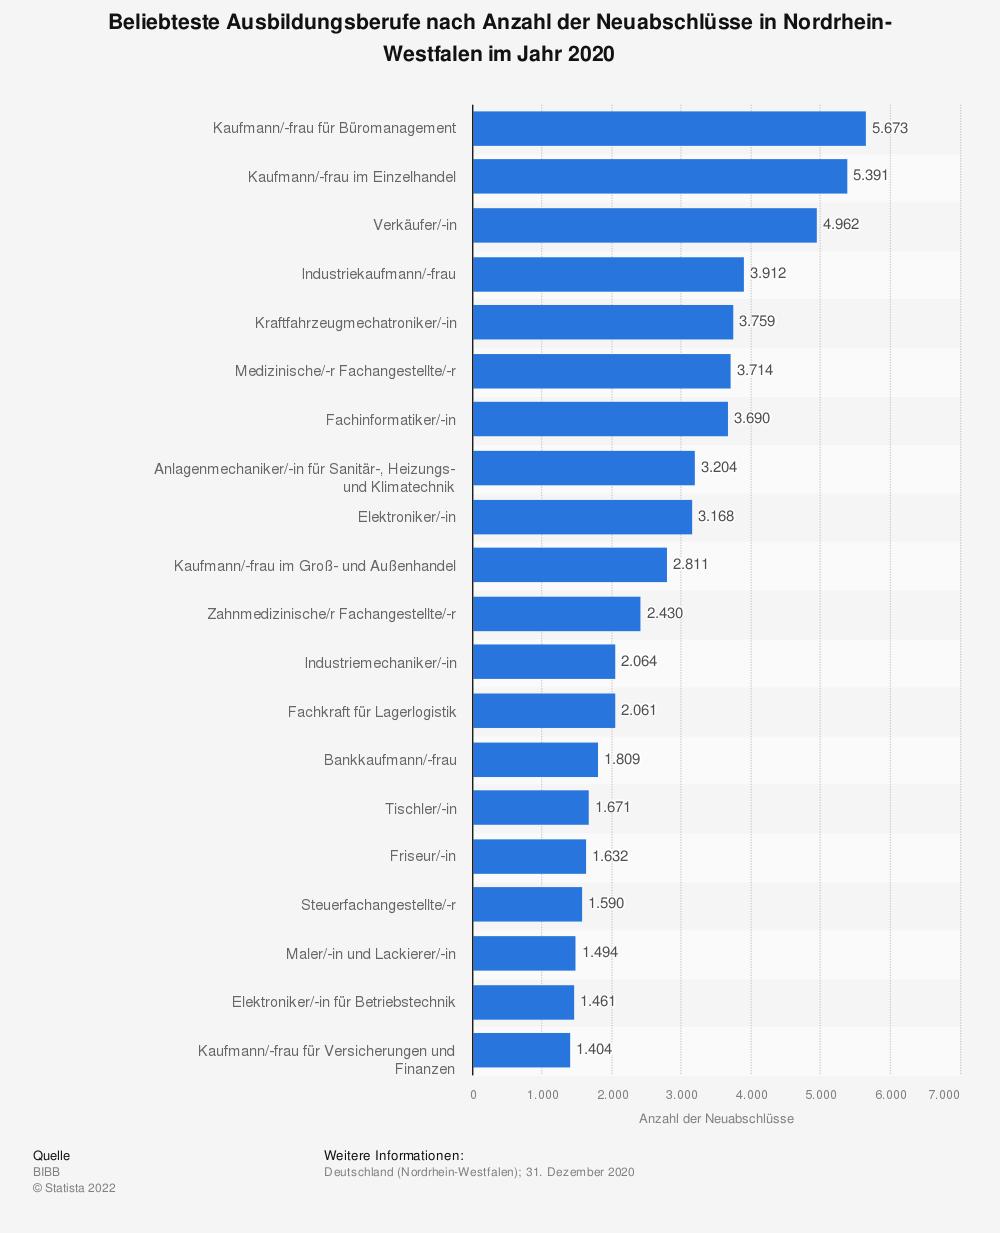 Statistik: Beliebteste Ausbildungsberufe nach Anzahl der Neuabschlüsse in Nordrhein-Westfalen im Jahr 2019 | Statista